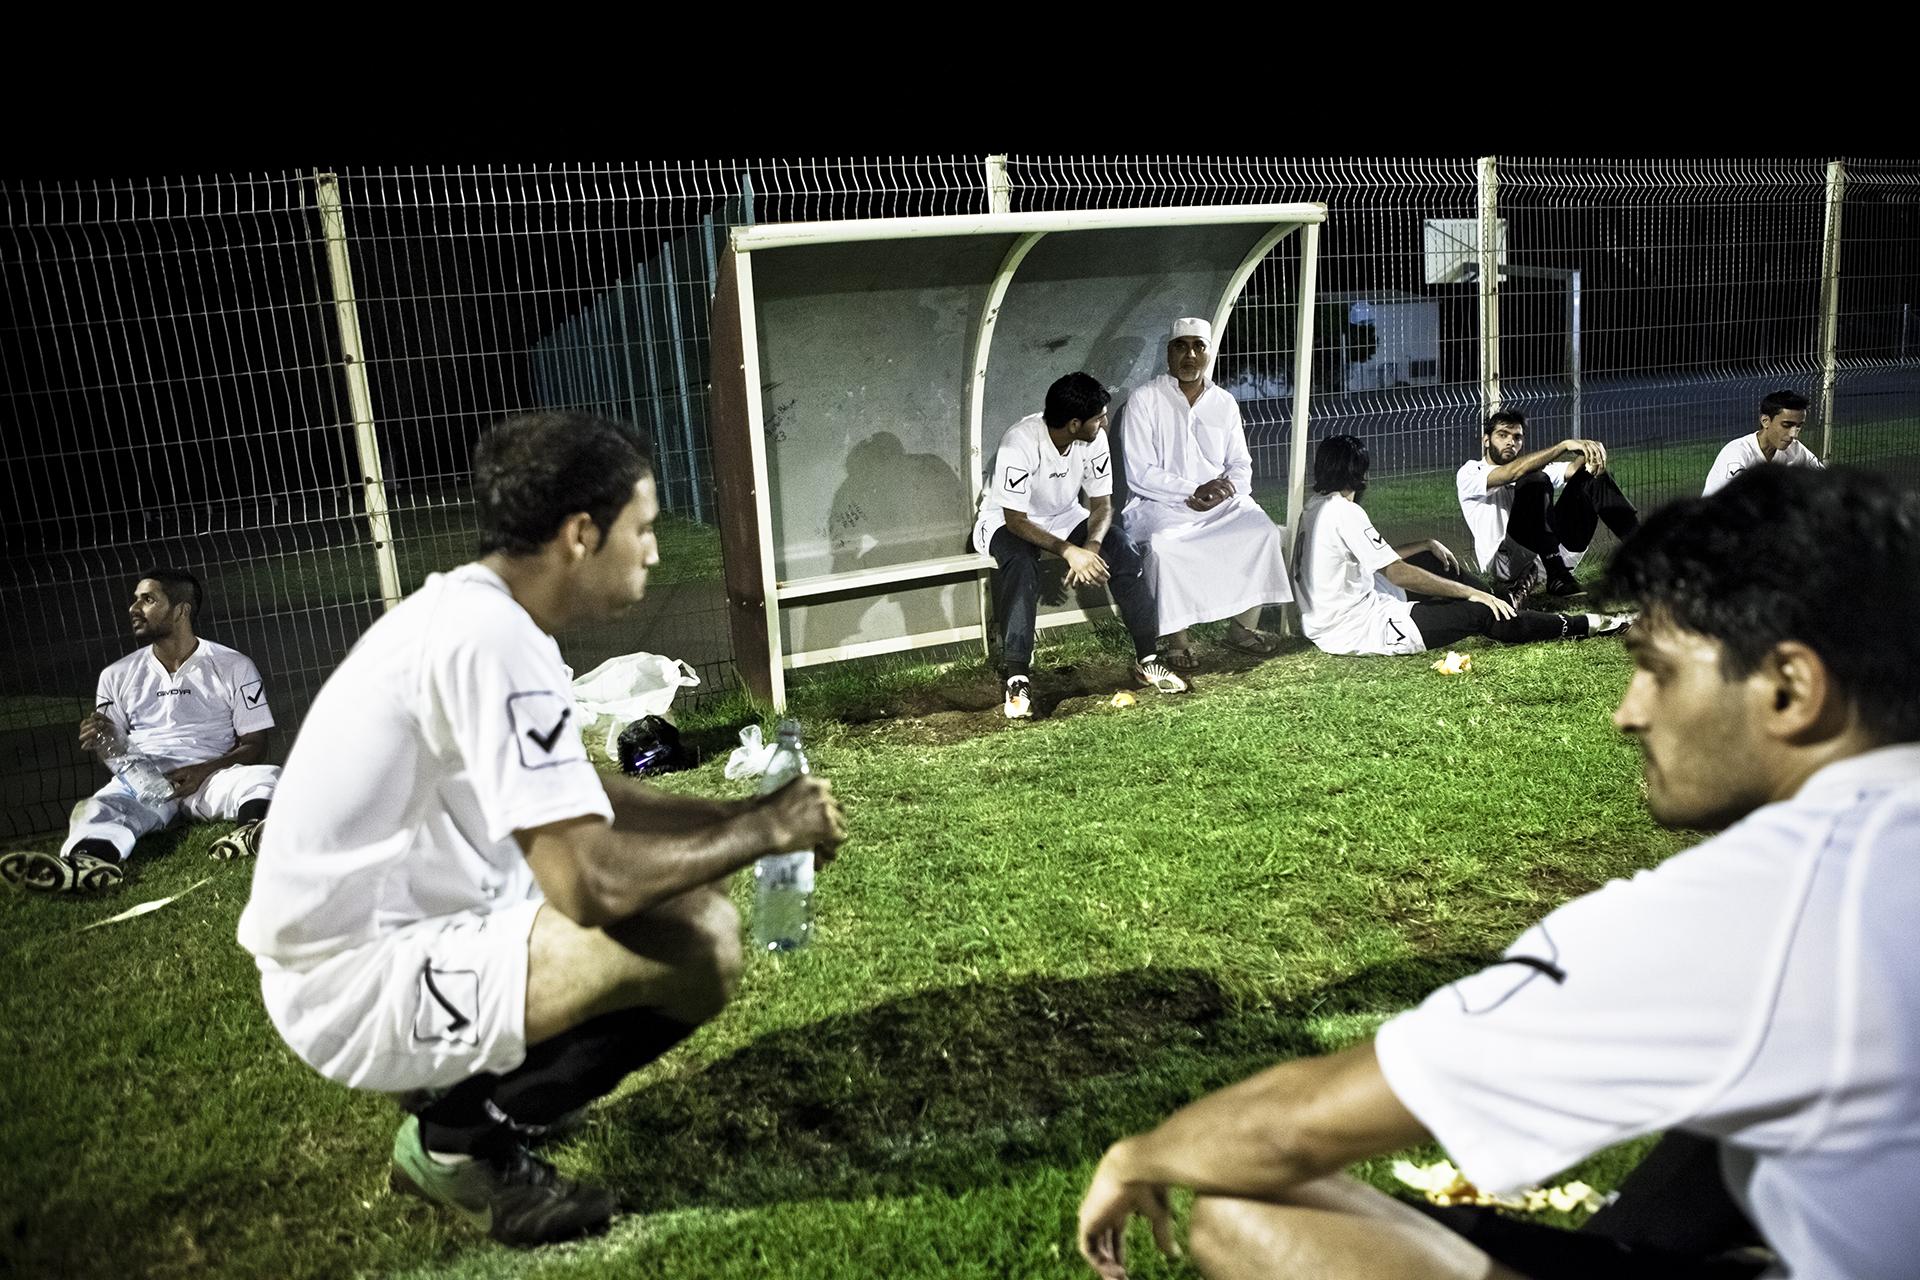 Saint-Pierre, Ile de la Réunion. Novembre 2012.L'équipe de football musulmane de la ville Saint-Pierre lors d'un match officiel sur l'île.